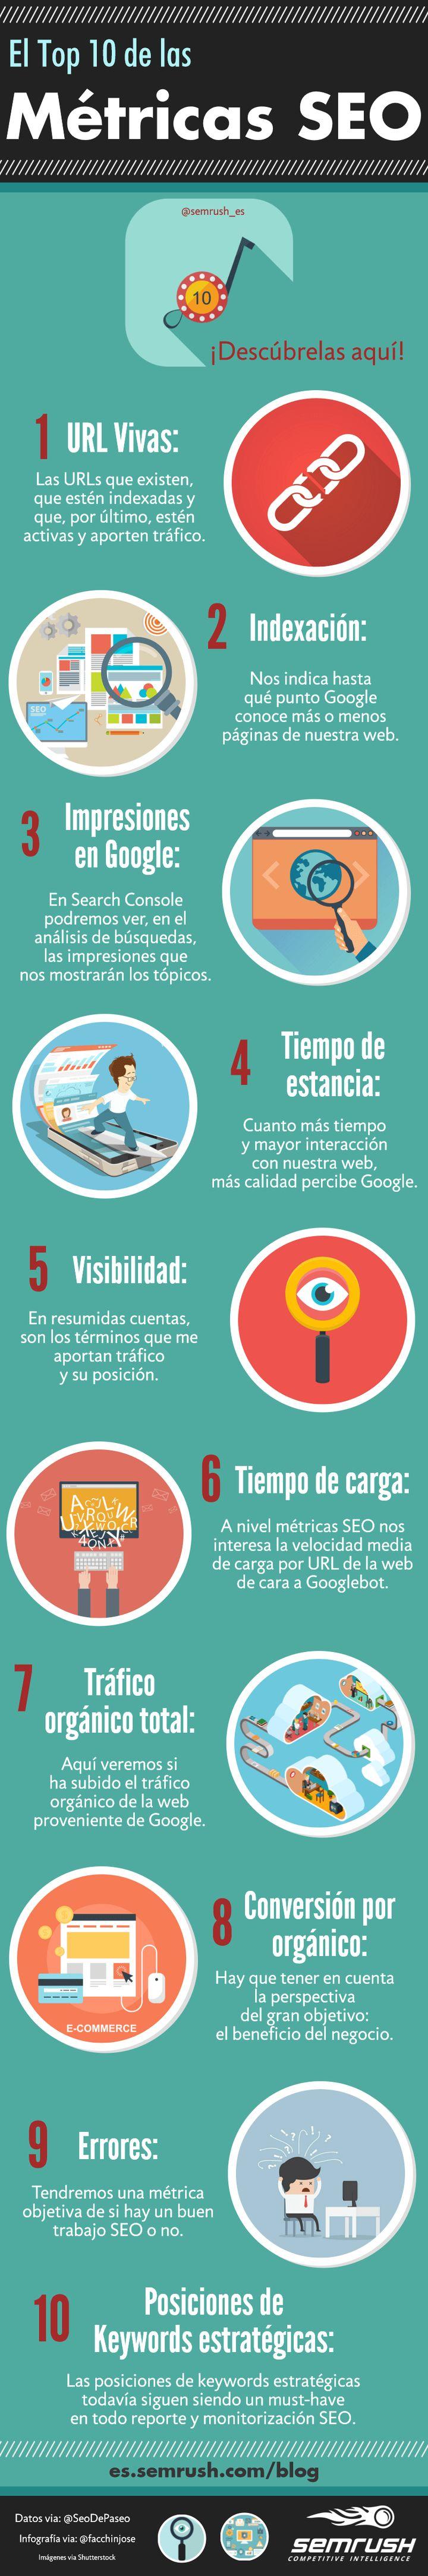 Top 10 de métricas SEO a utilizar #Infografía